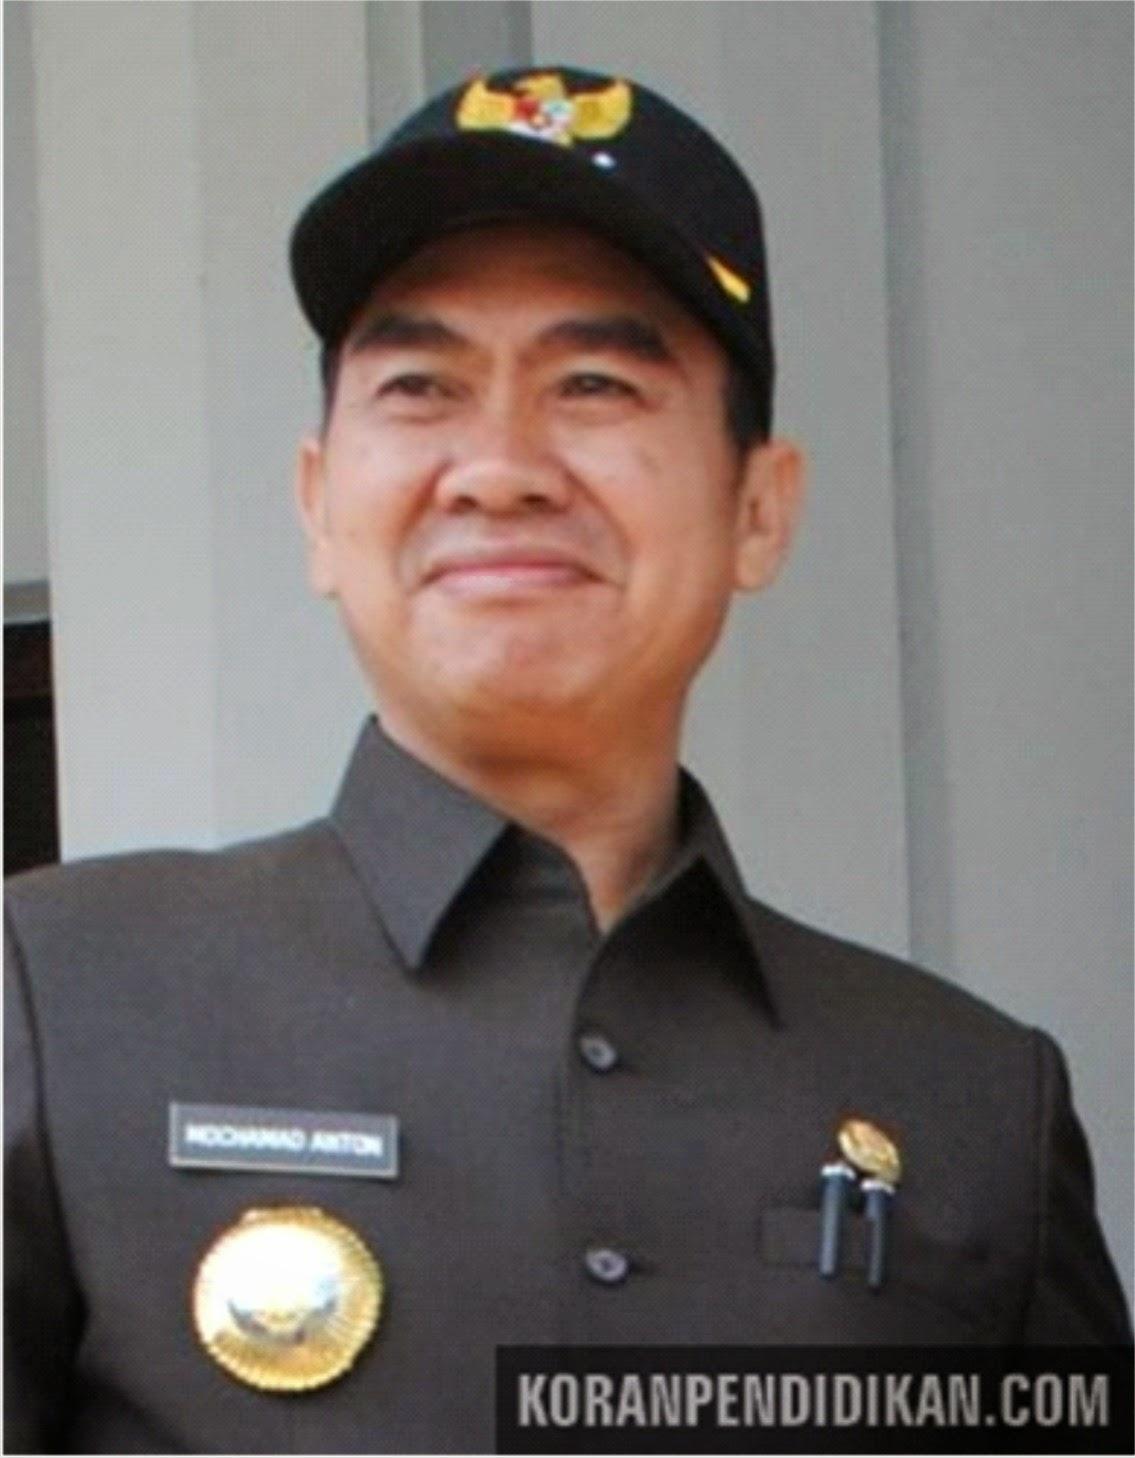 Walikota Malang Siap Jajaki Kerjasama dengan Kobi